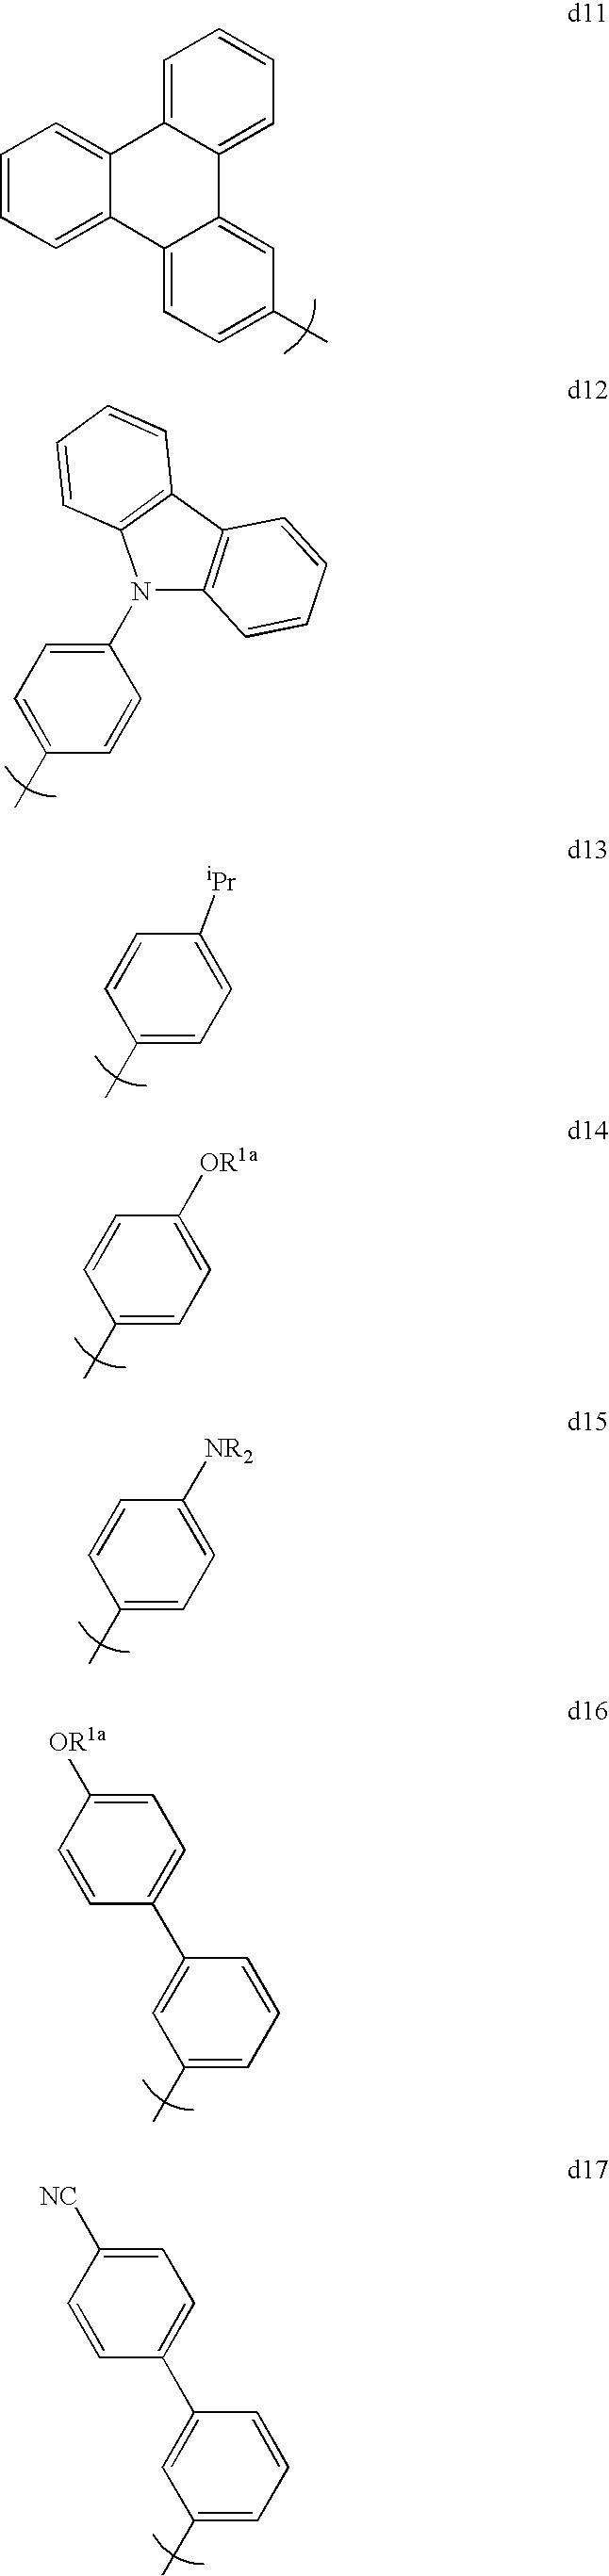 Figure US20060251923A1-20061109-C00003